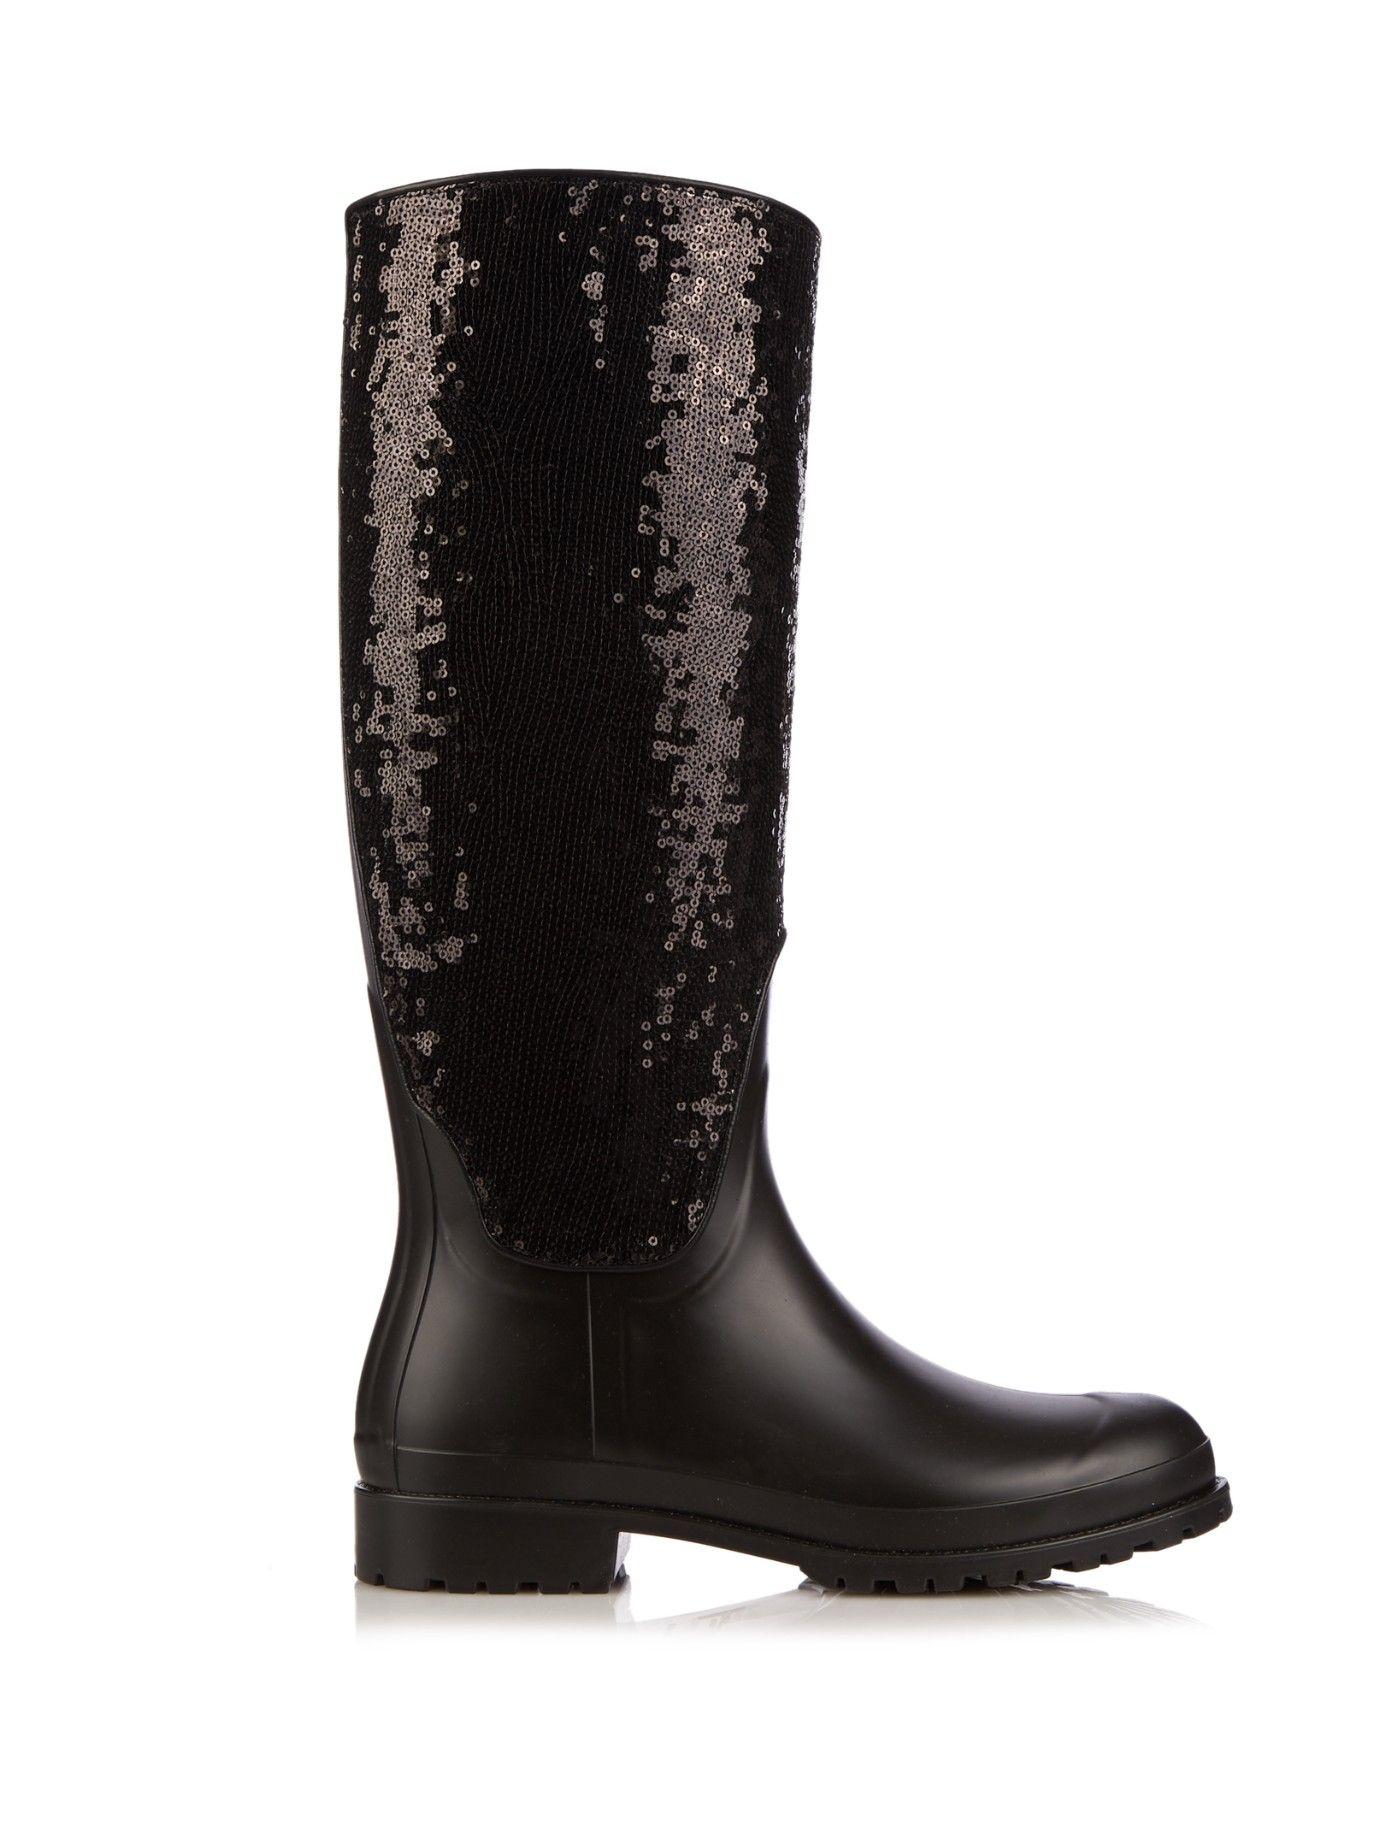 Festival sequin rubber boots   Saint Laurent   MATCHESFASHION.COM